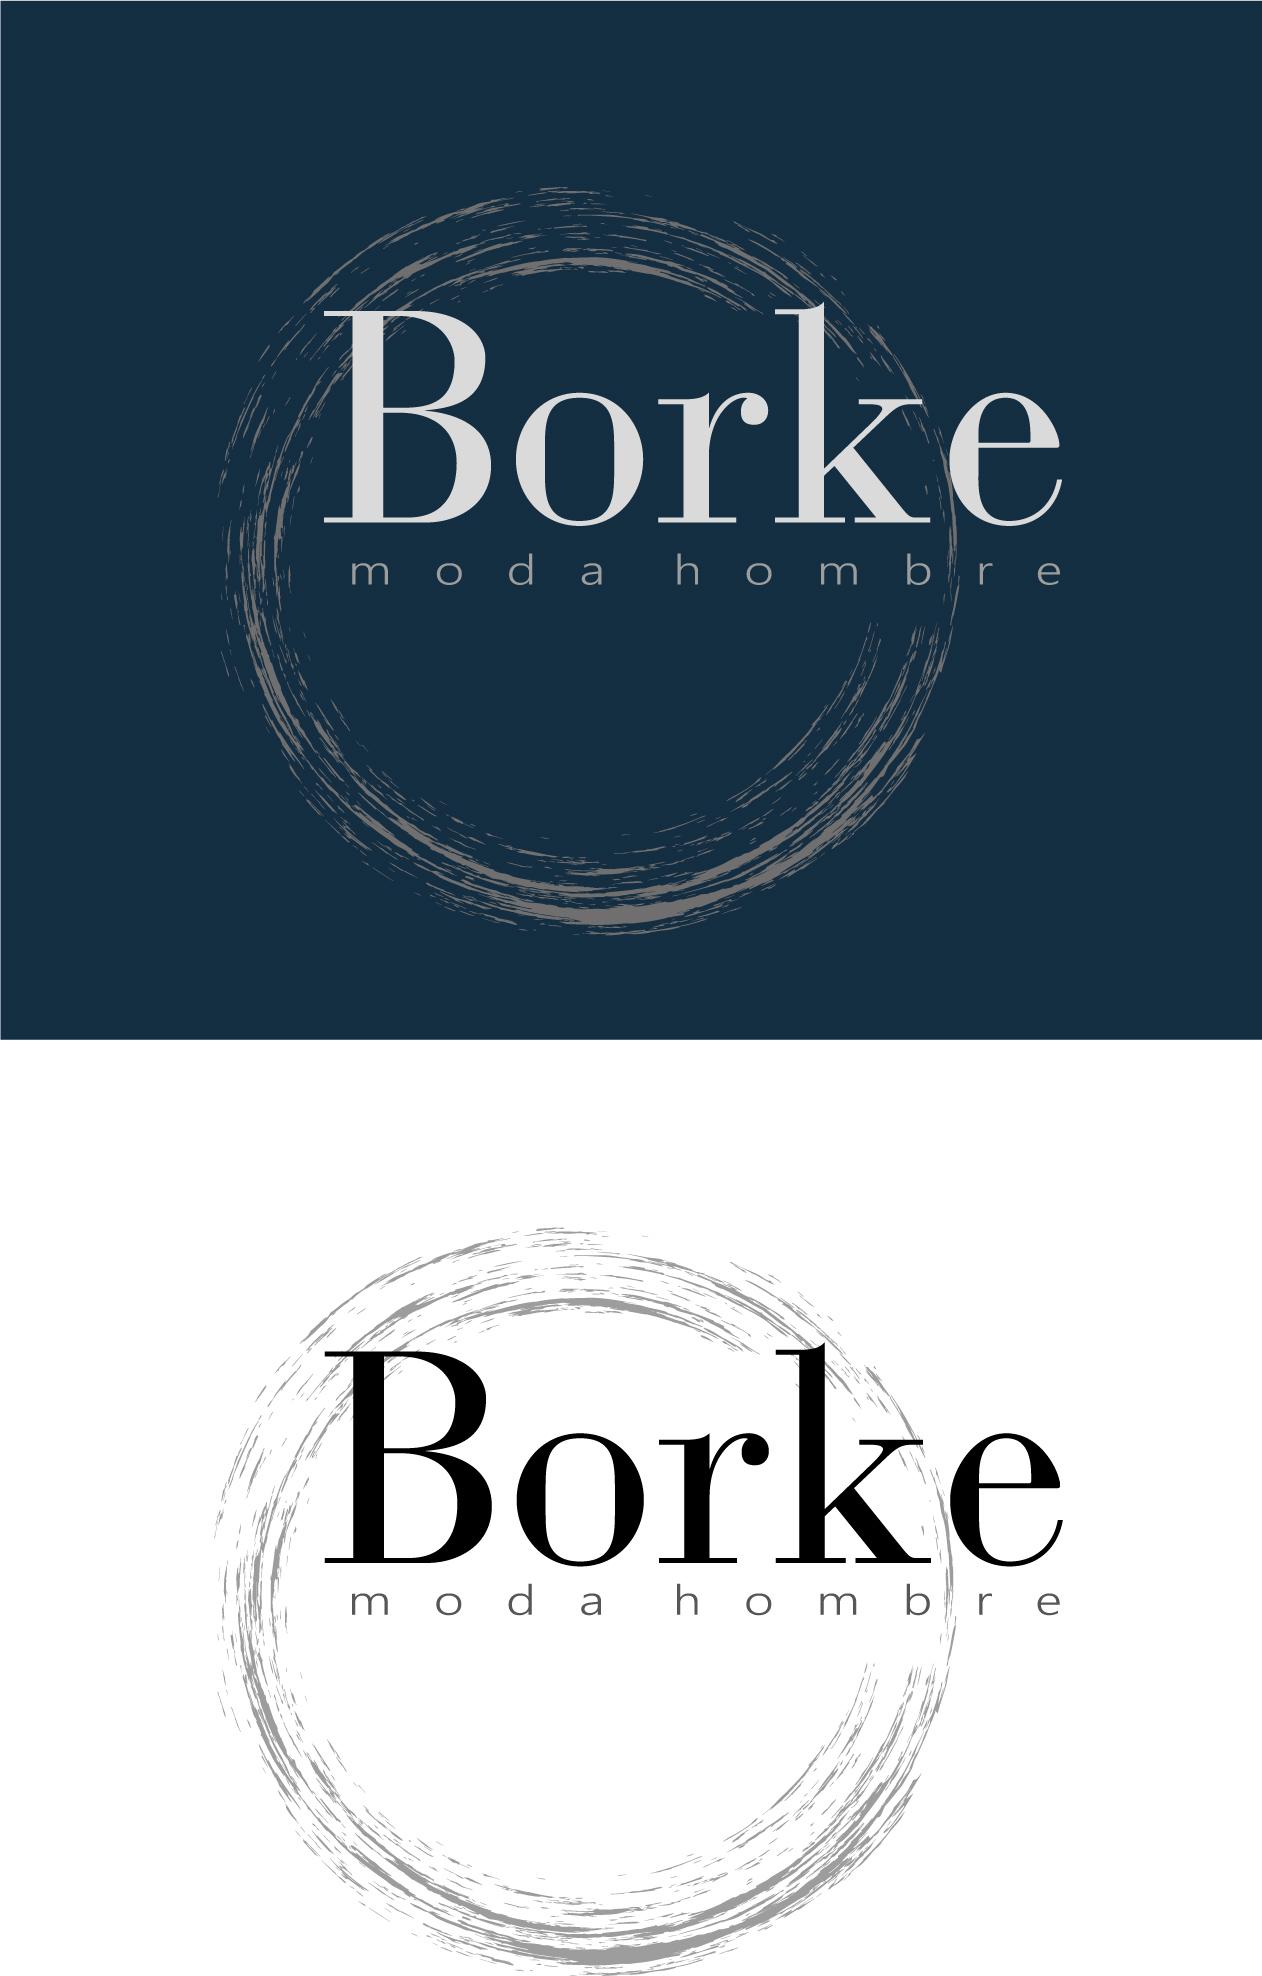 logo borke variaciones final